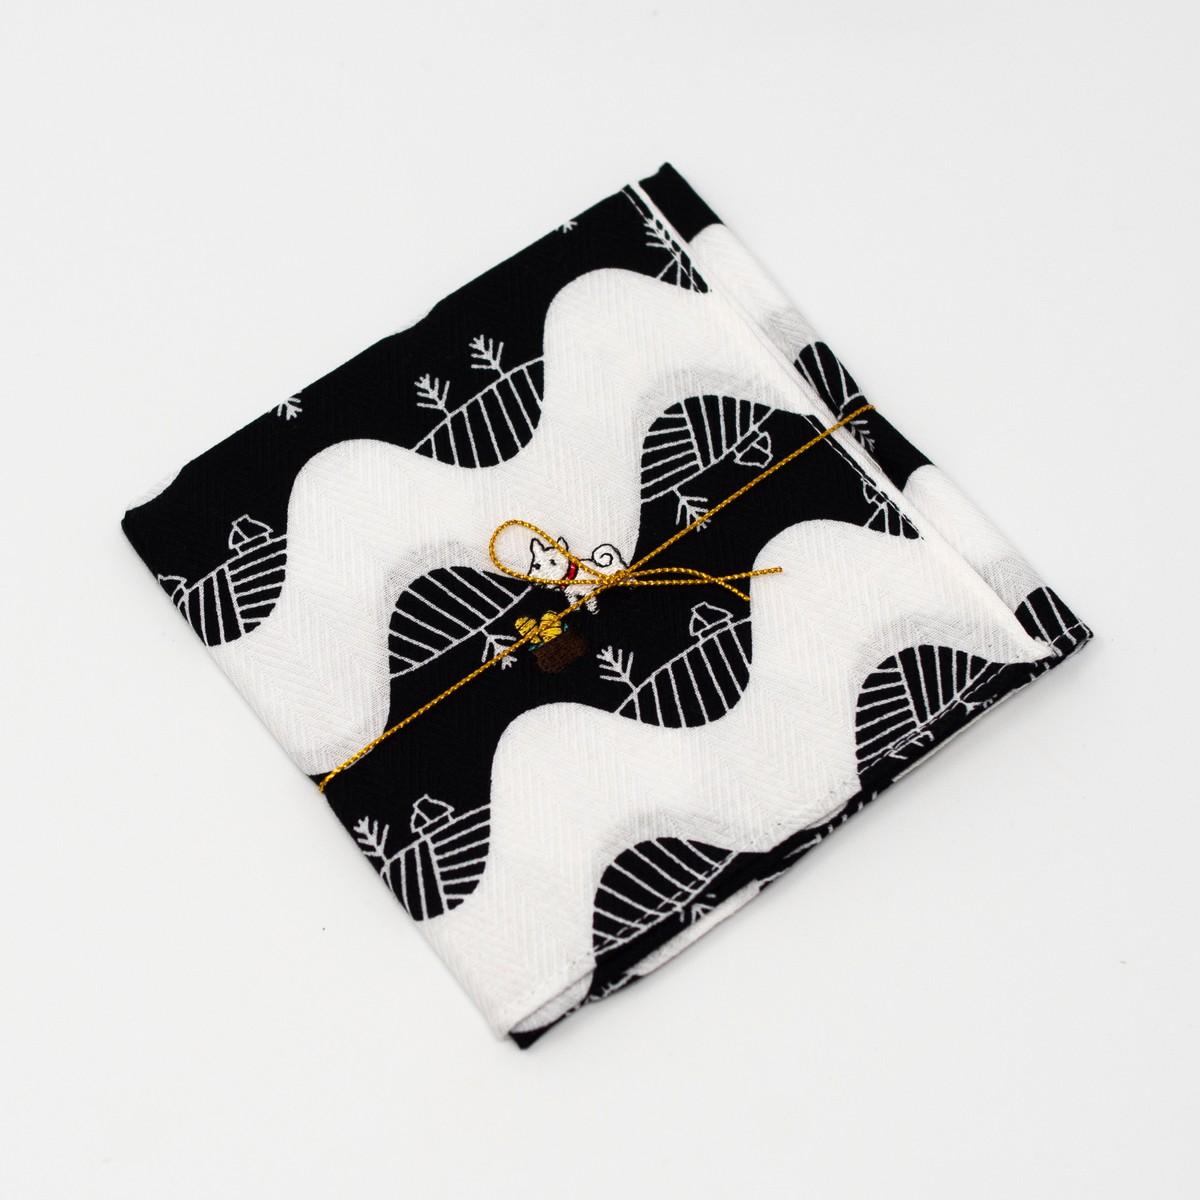 Photo of Pochi the Dog Handkerchief